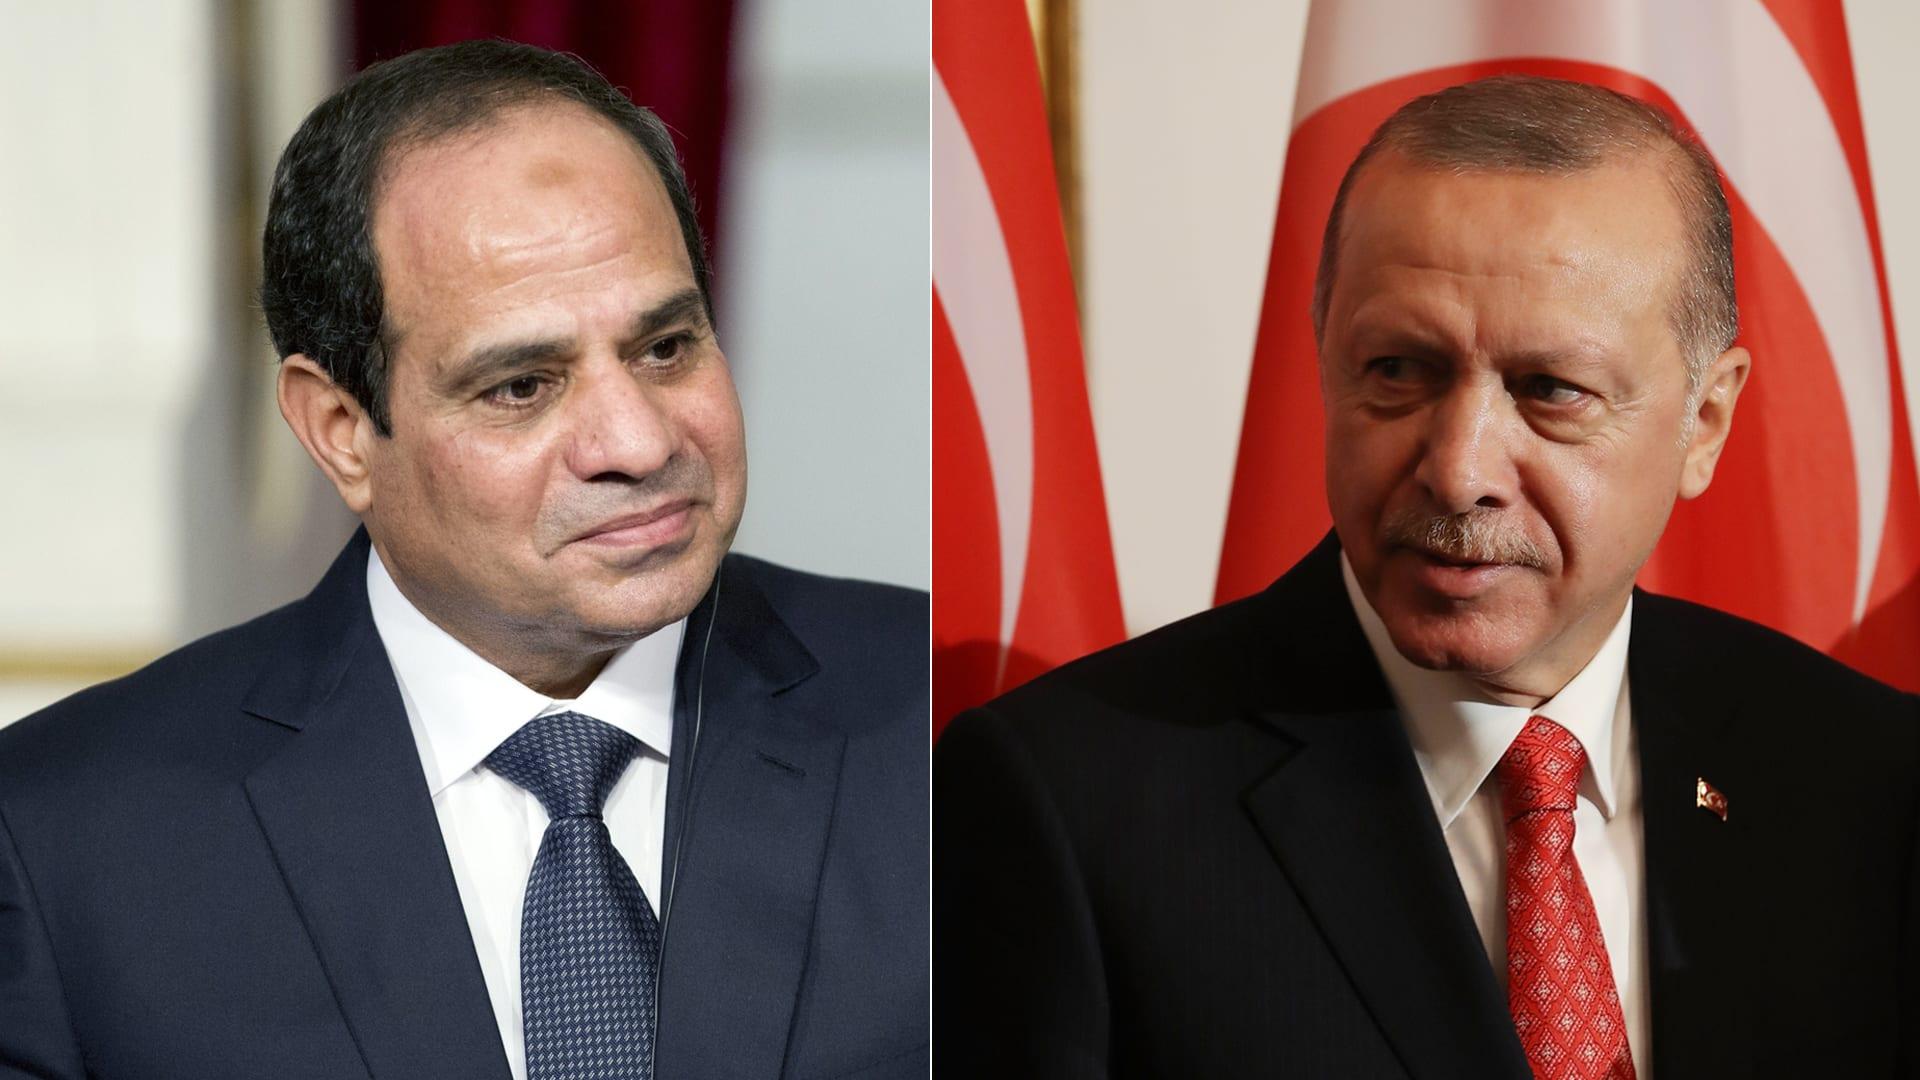 شكري عن تصريحات أردوغان ضد السيسي: منشغلون بما هو أهم من الأحقاد